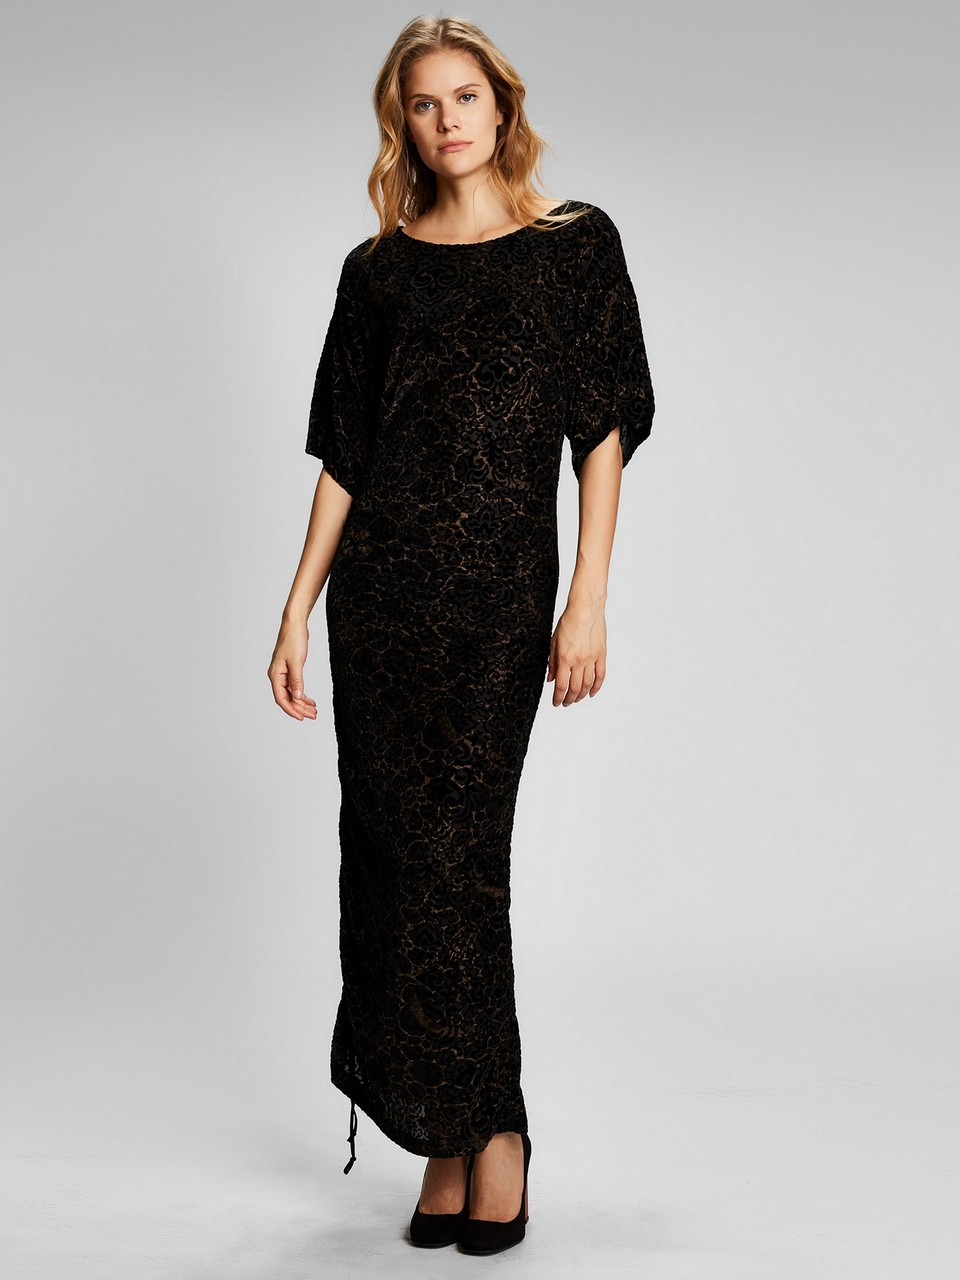 Kayık Yaka Yarım Kol Etek Ucu Büzgülü Elbise